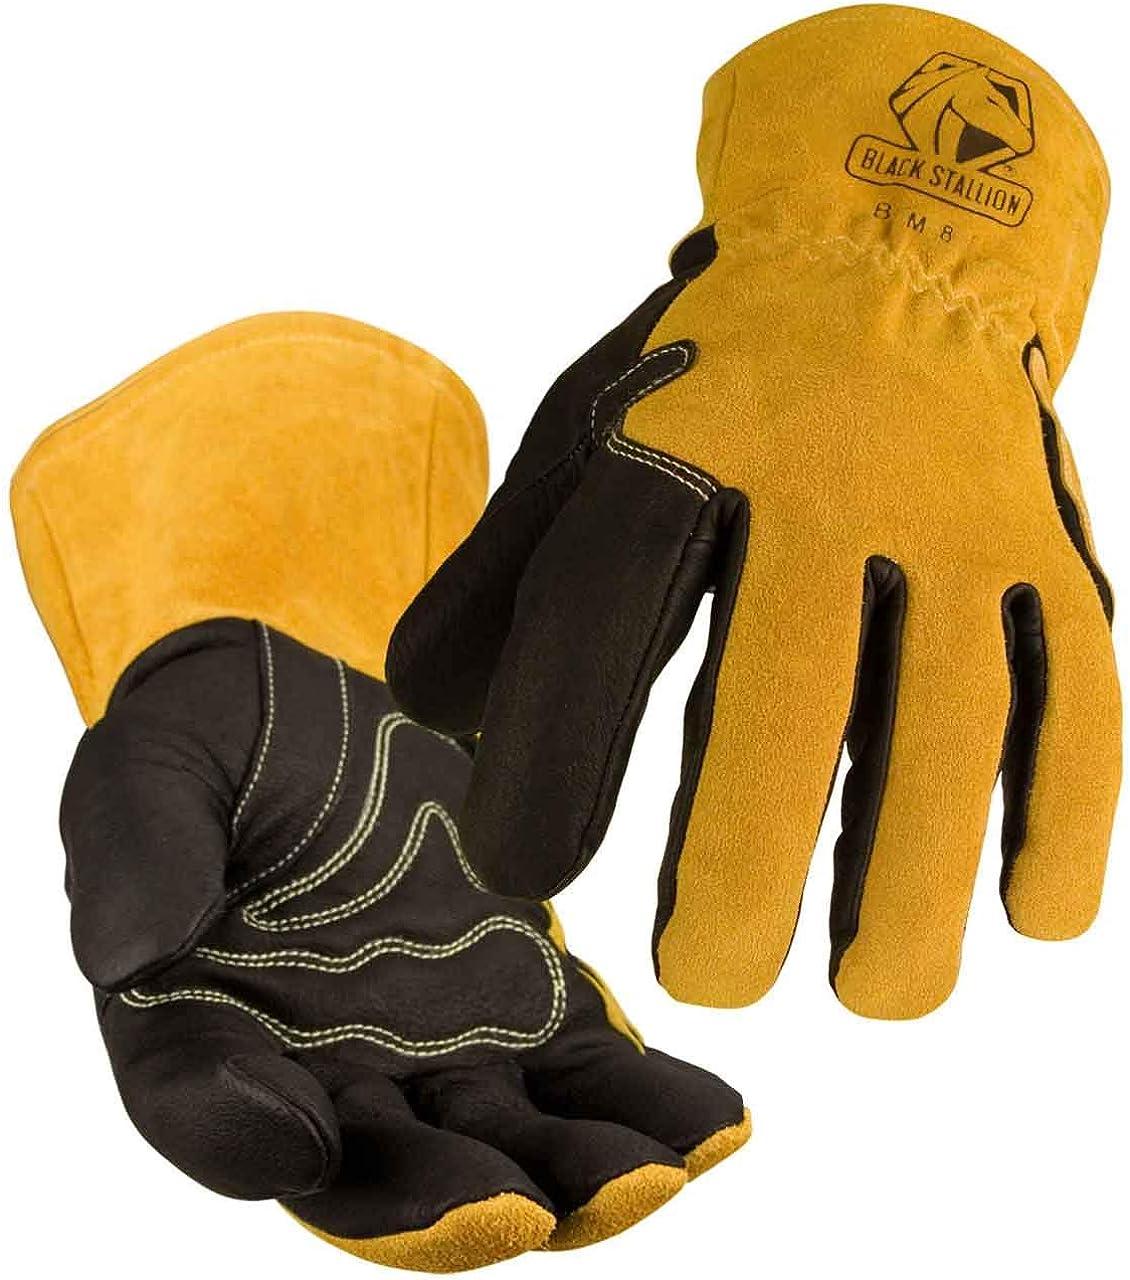 Black safety Stallion BSX BM88 half Xtreme Small Gloves Welding Pigskin MIG